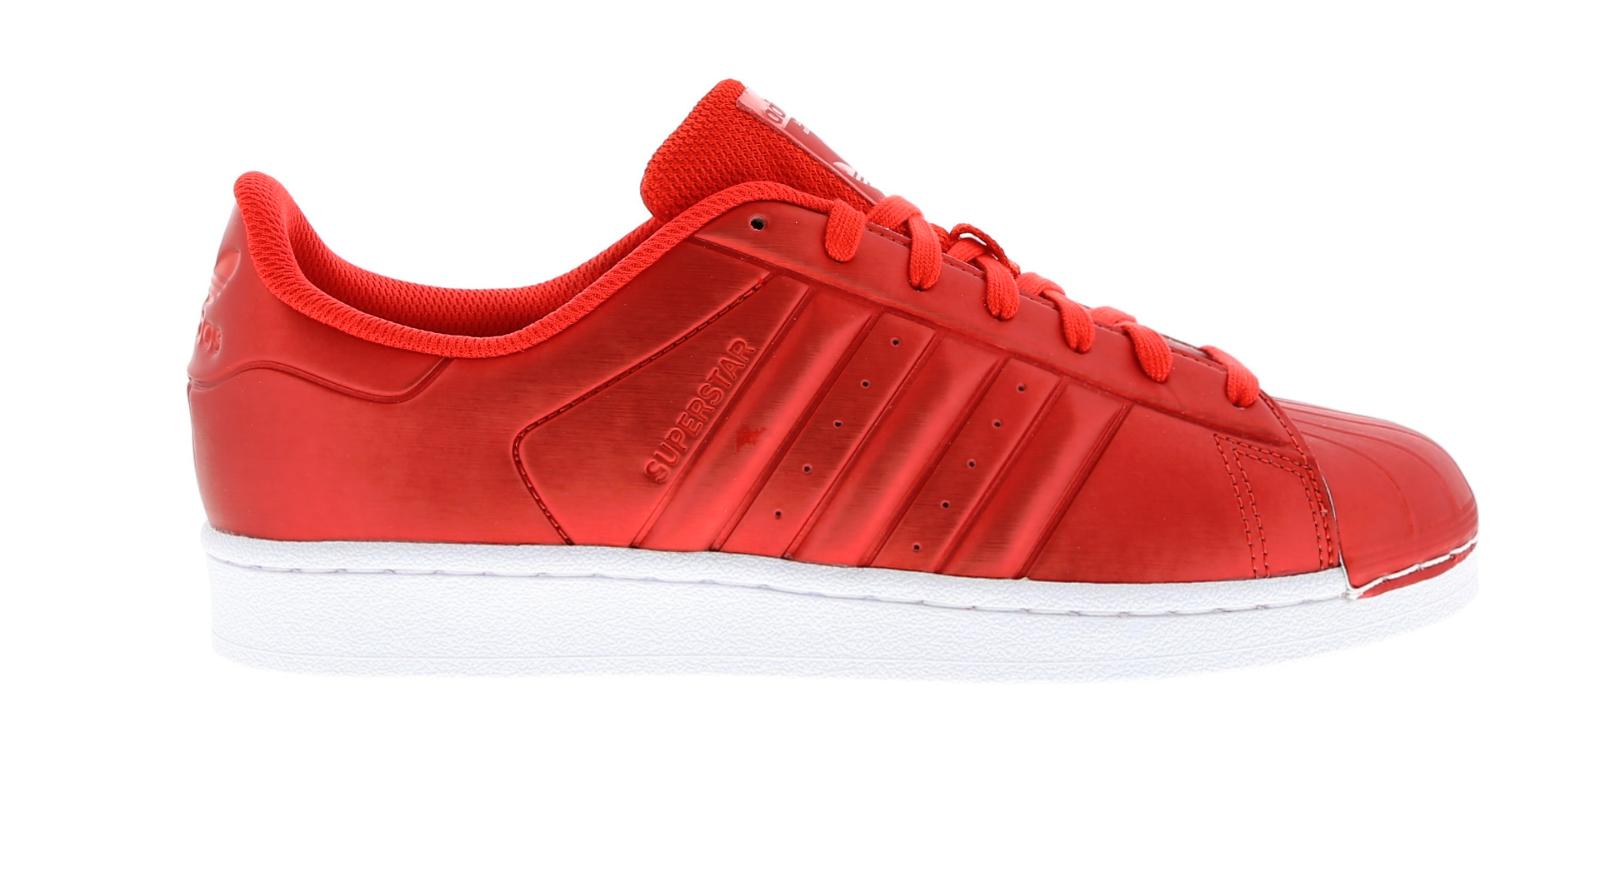 Herren Adidas Superstar rot Synthetisch Turnschuhe Freizeit bb4877